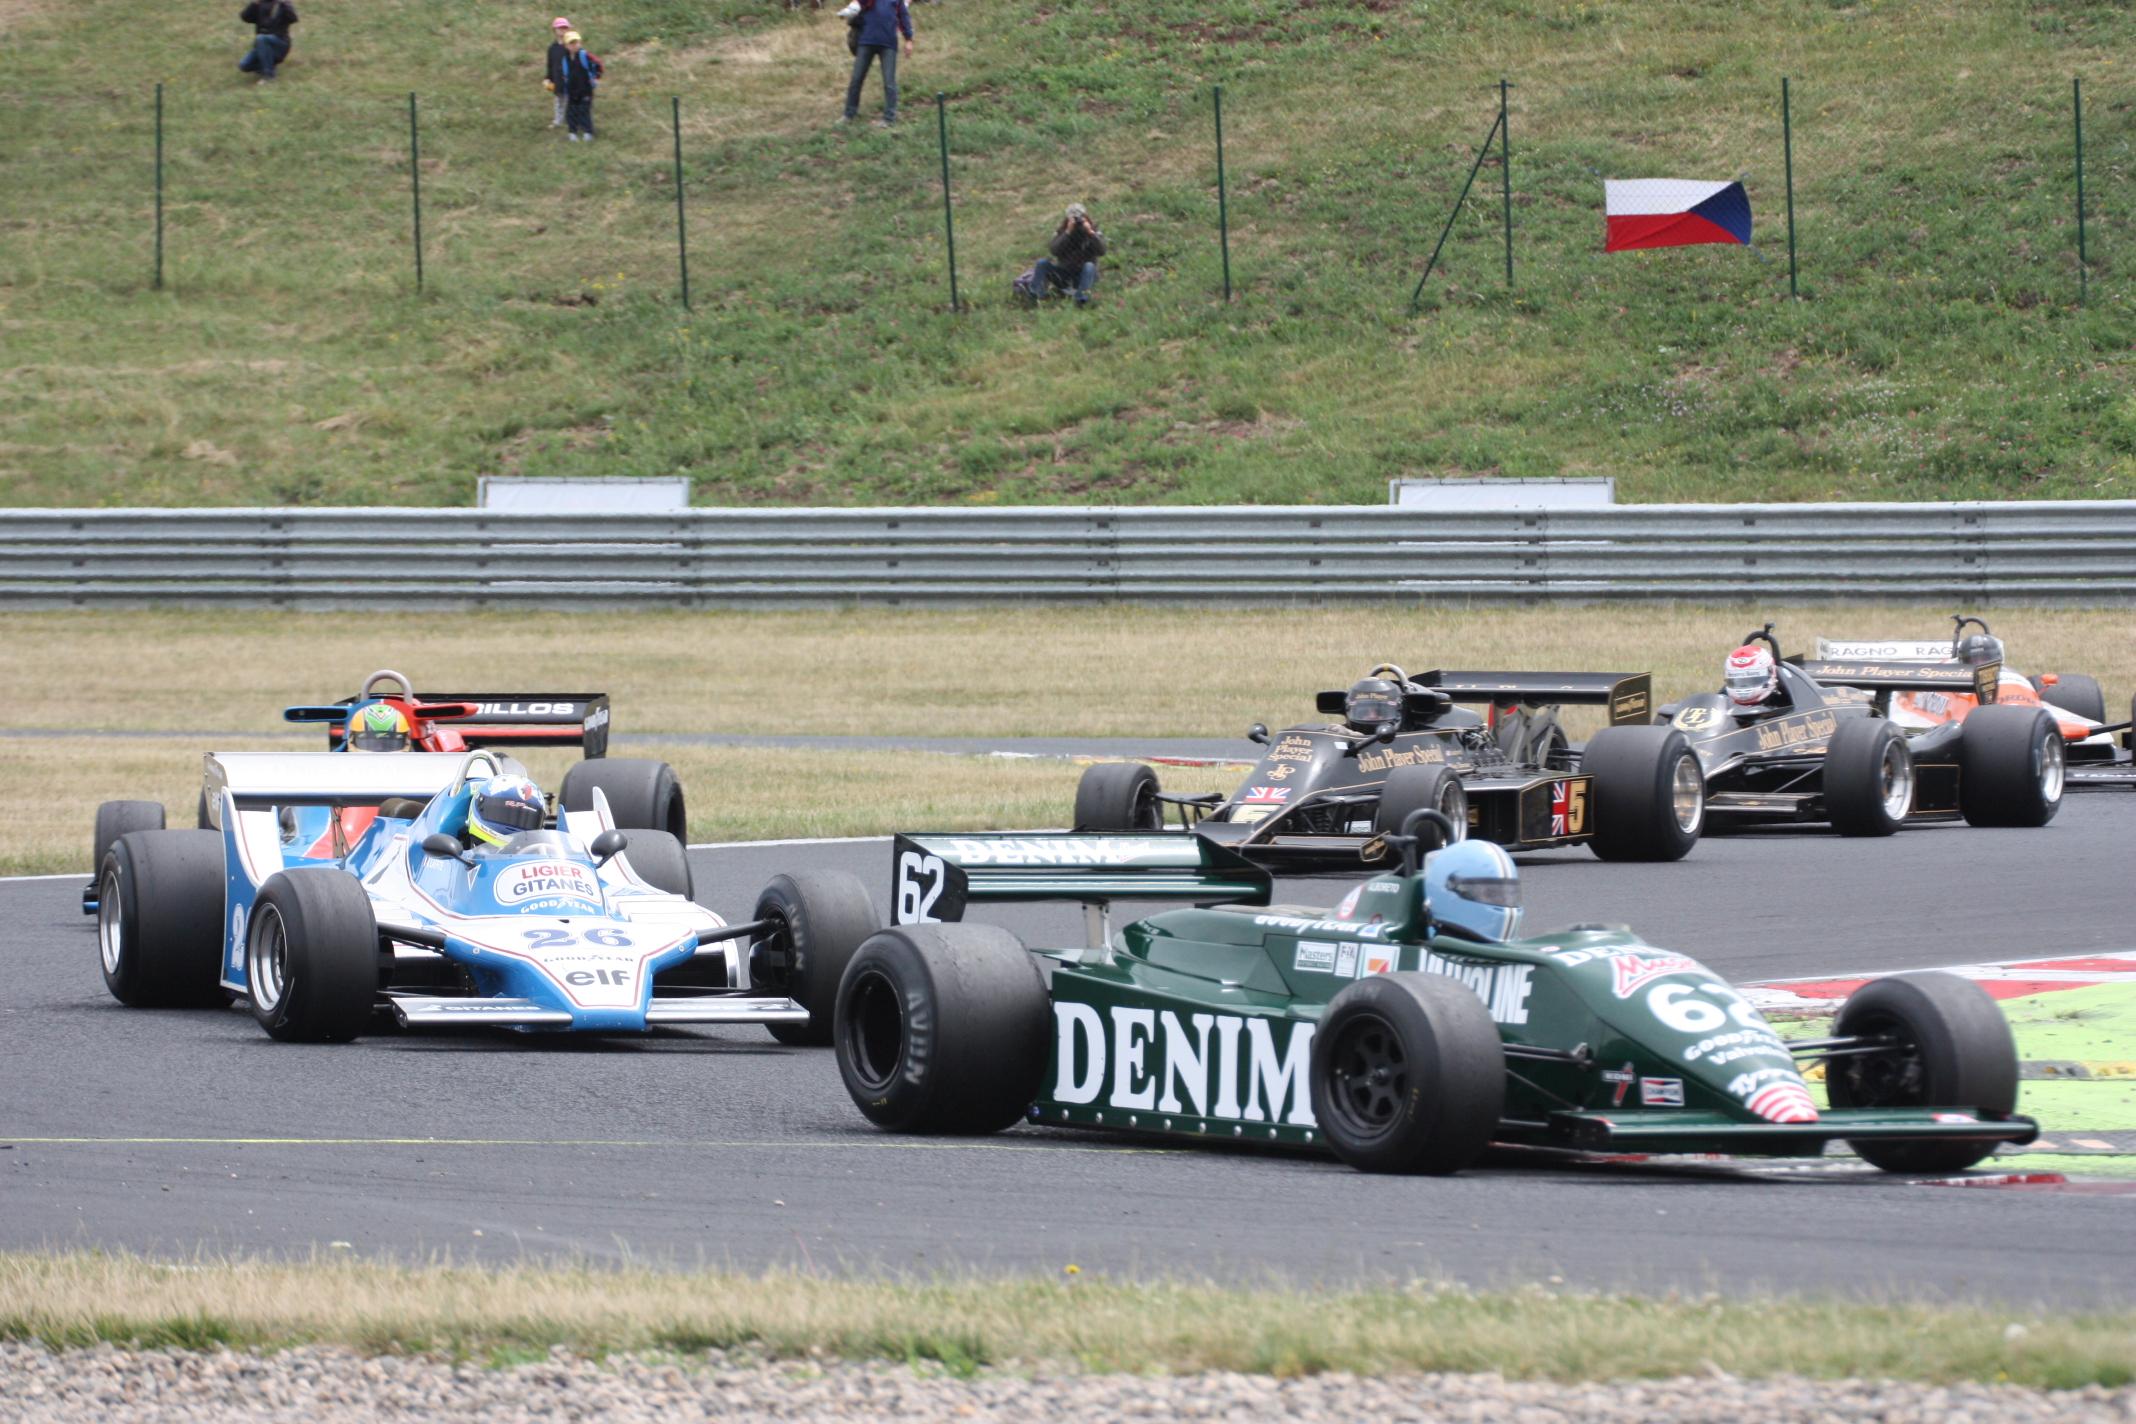 Pastva pro oči pamětníka: Lotus, Ligier, Shadow, dva Lotusy a Arrows v první šikaně